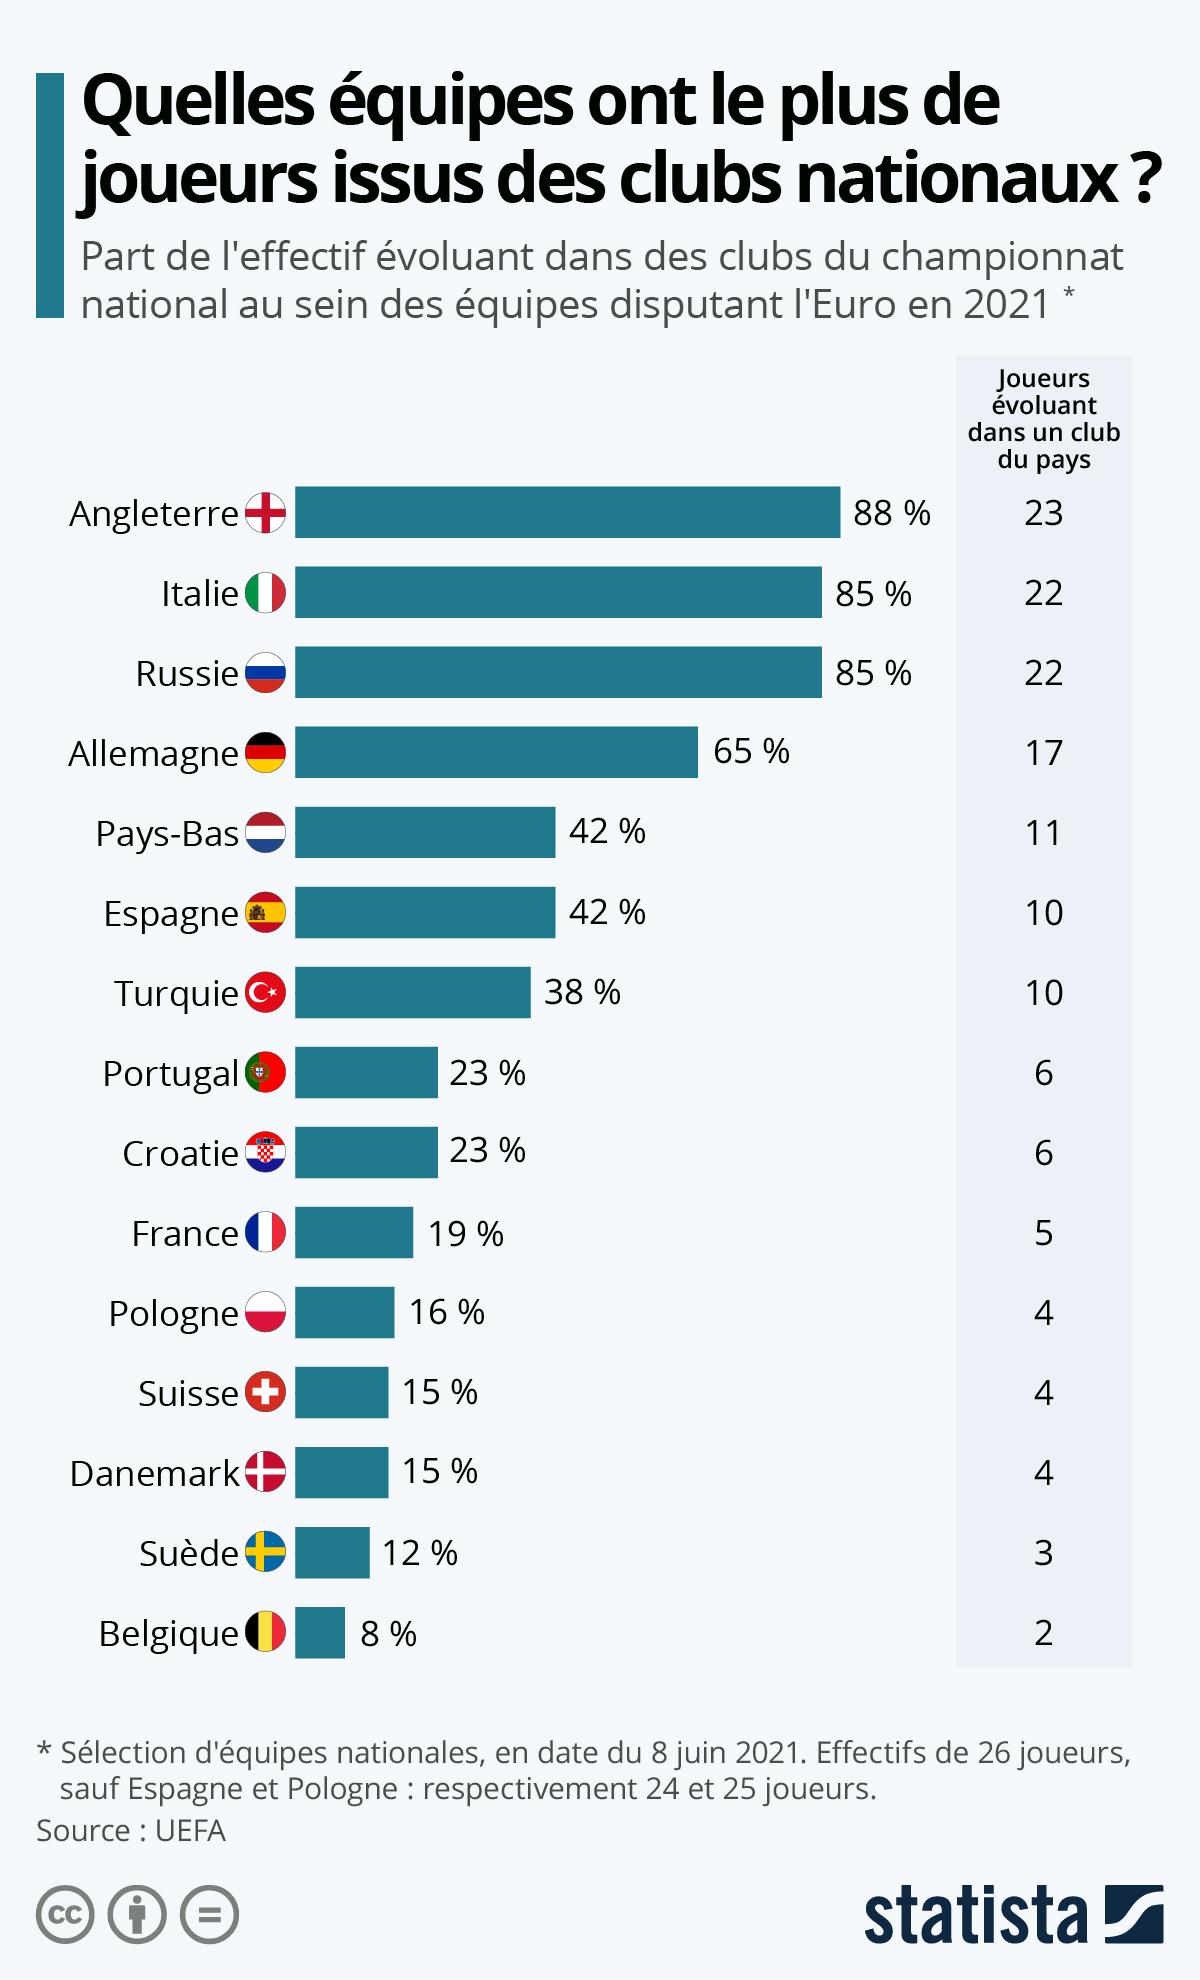 Infographie: Quelles équipes comptent le plus de joueurs évoluant dans le pays ?   Statista